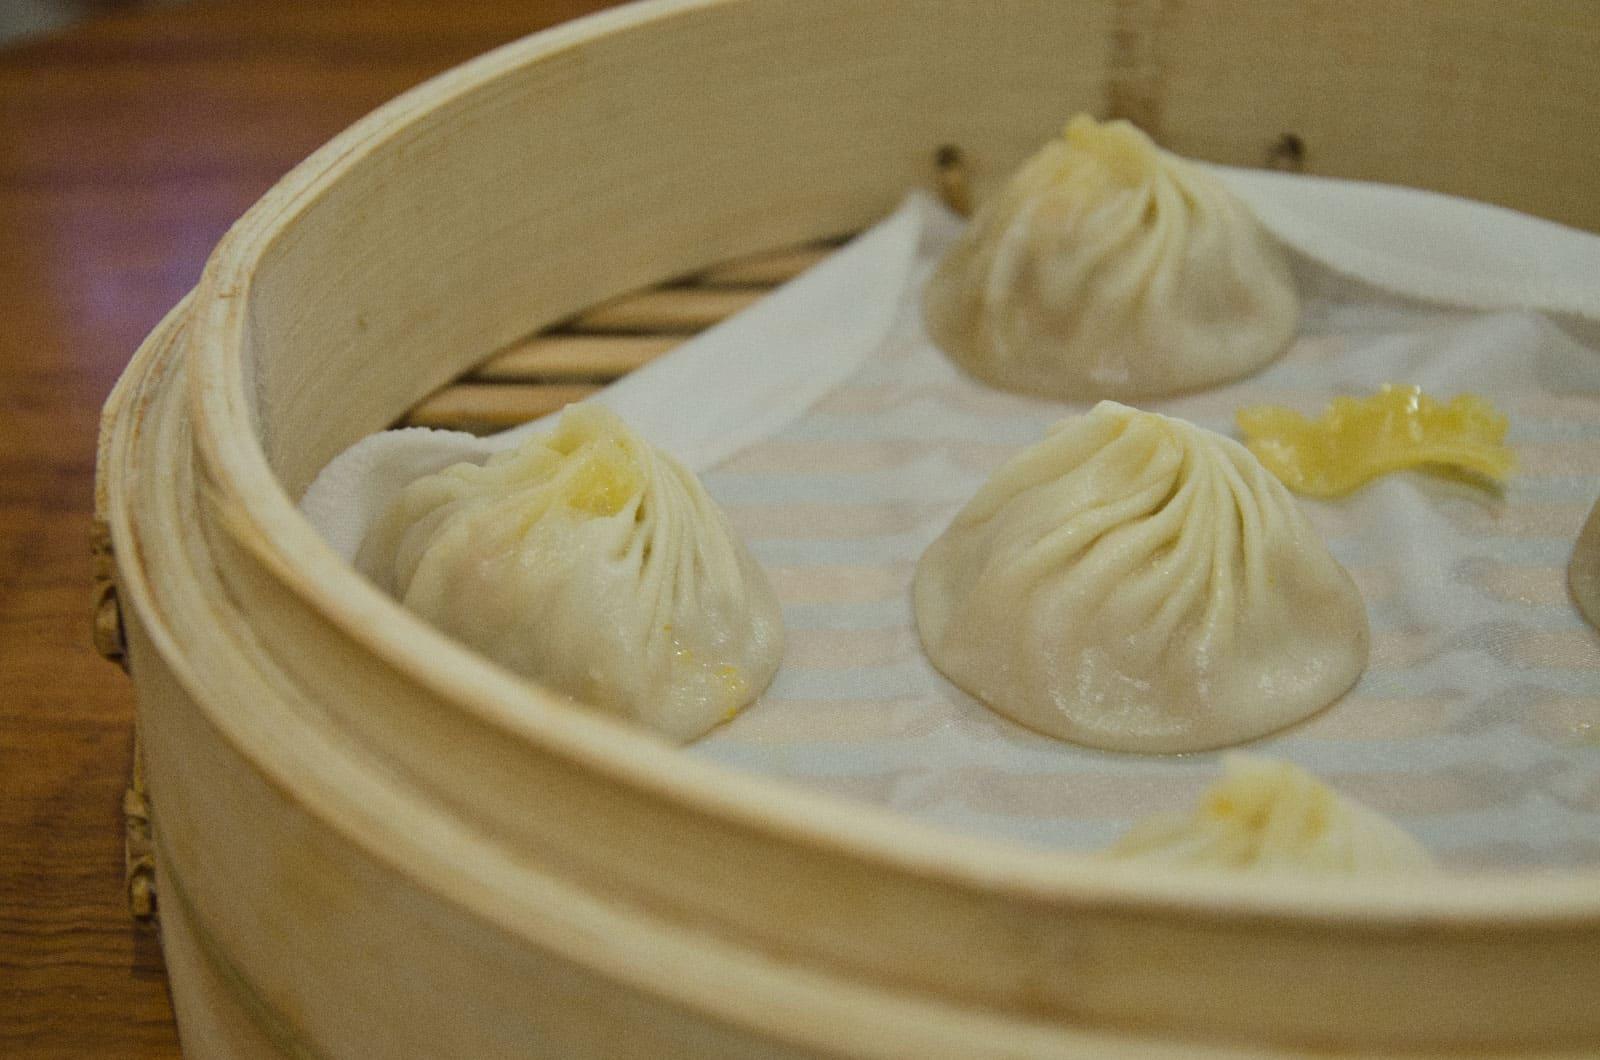 Dumplings at Din Tai Fung in Taipei 101, Taipei, Taiwan